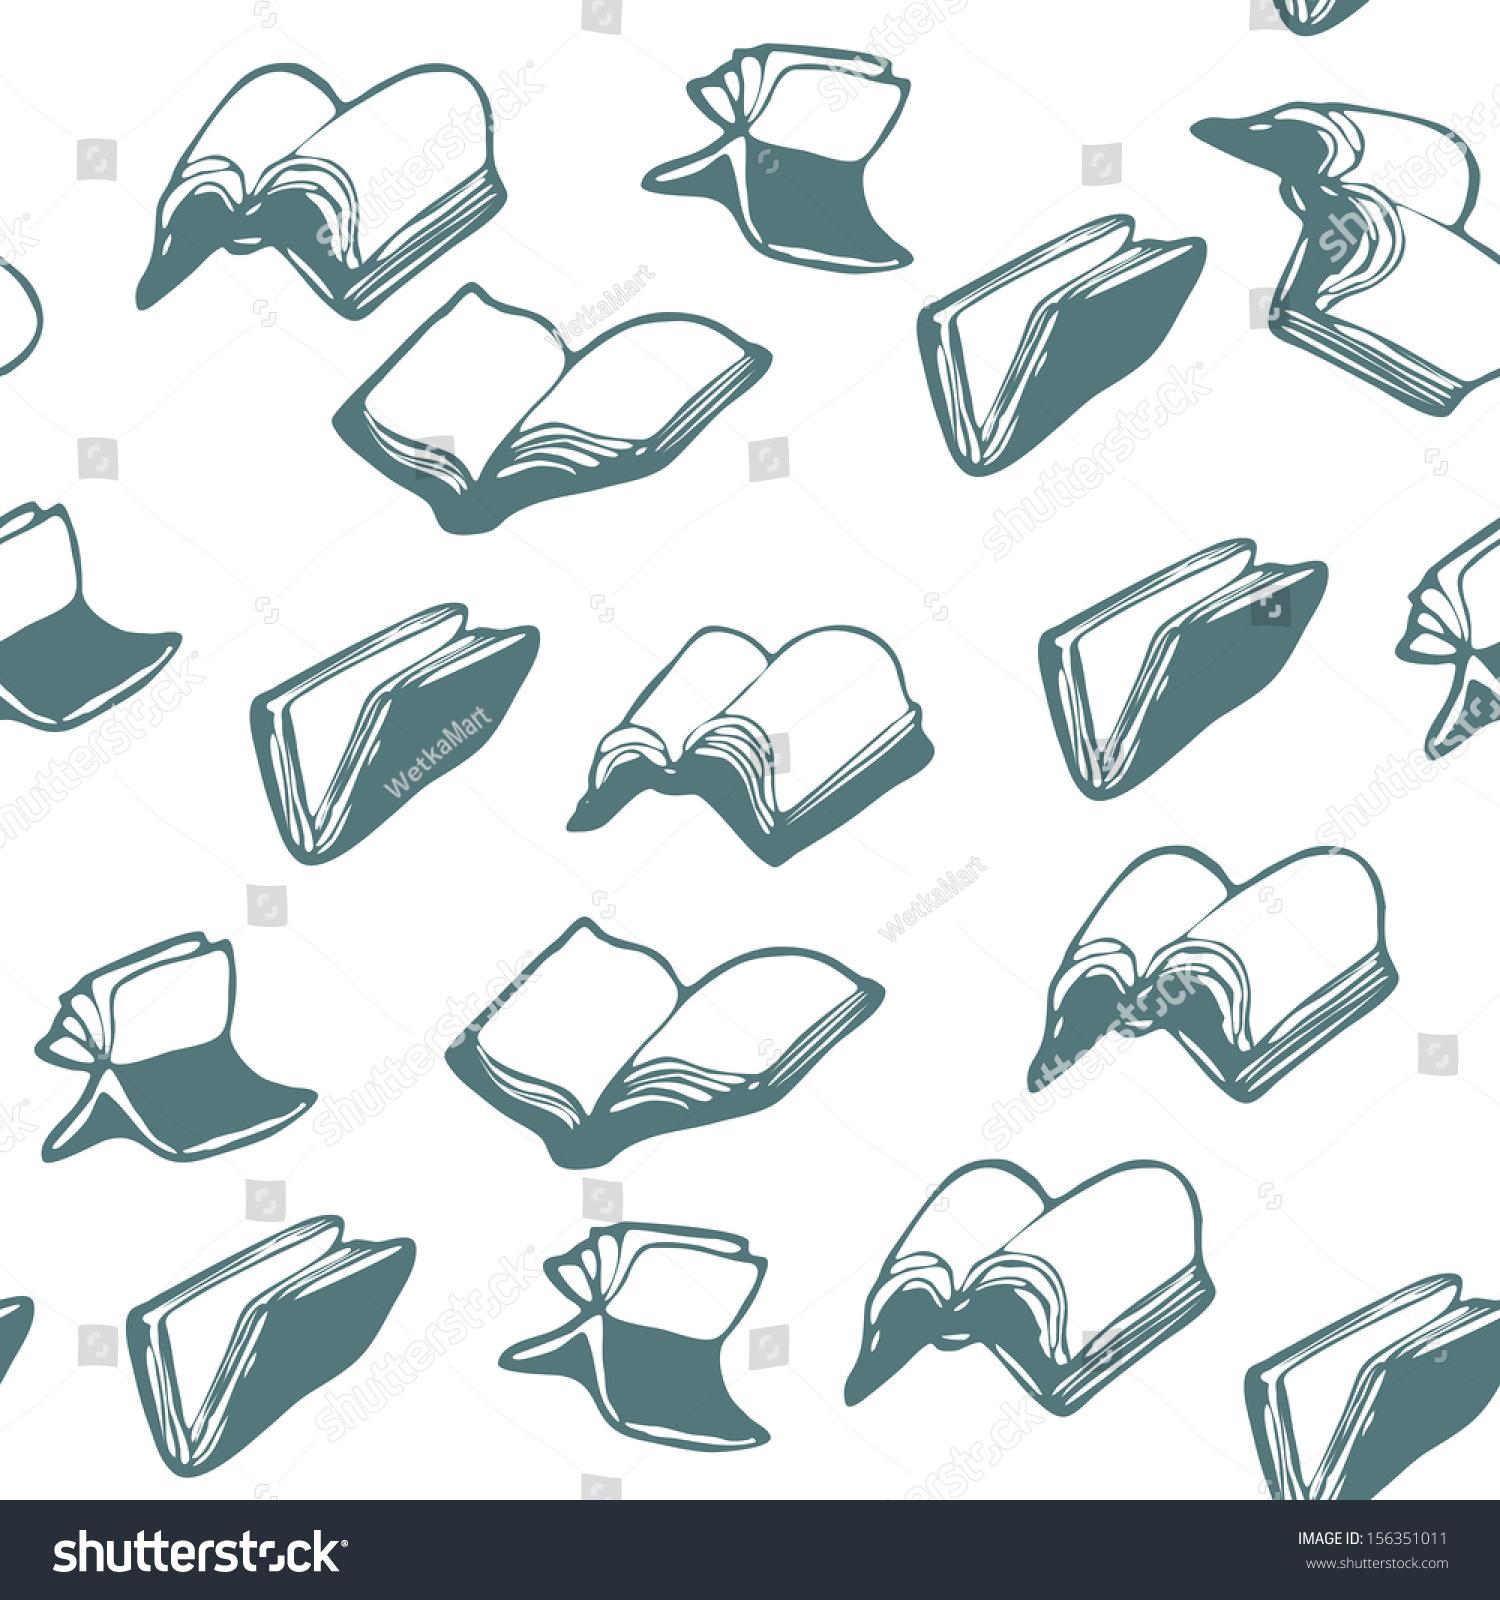 Flying Books Patterns Stock Vector 156351011 - Shutterstock